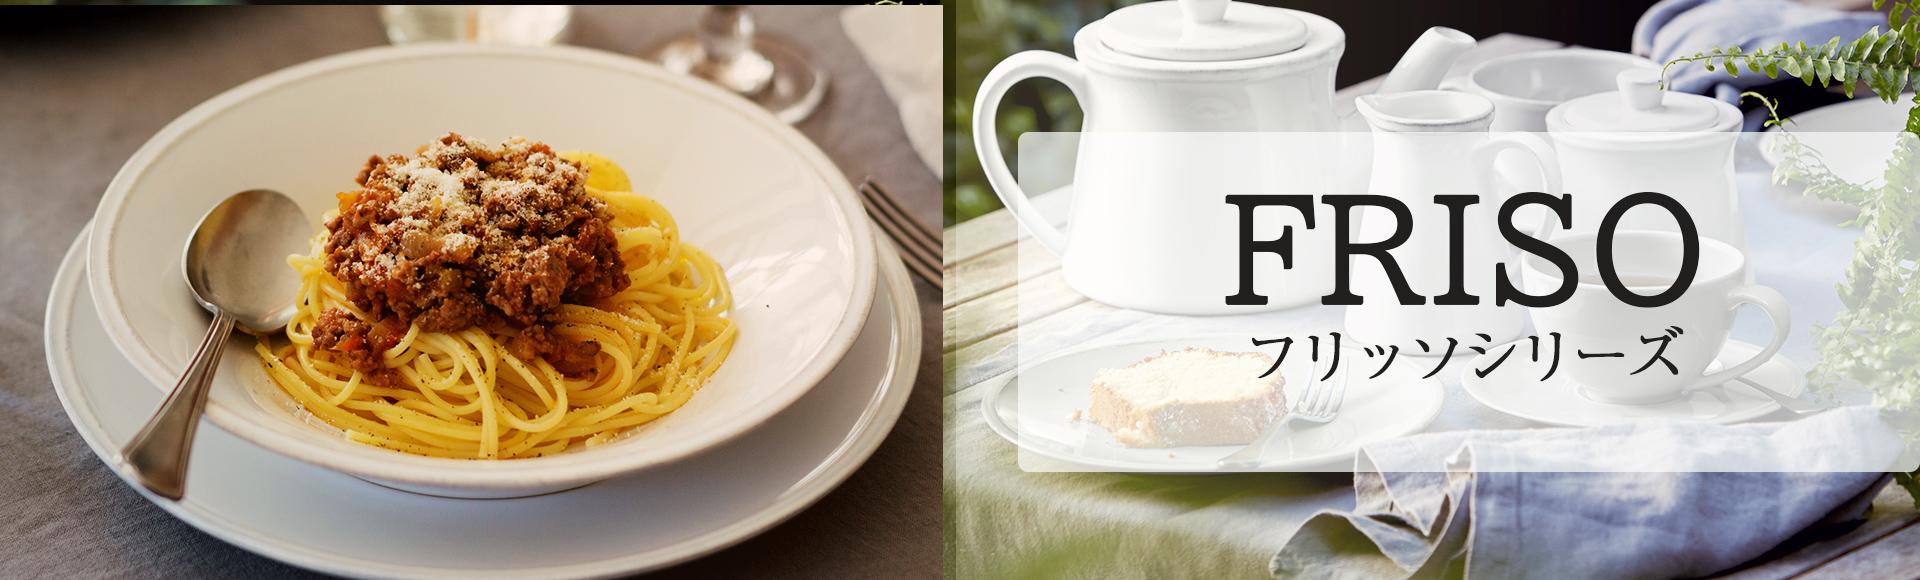 シンプルでエレガント、ほどよい温もりがどんなお料理にスッとなじむ フリッソシリーズ。